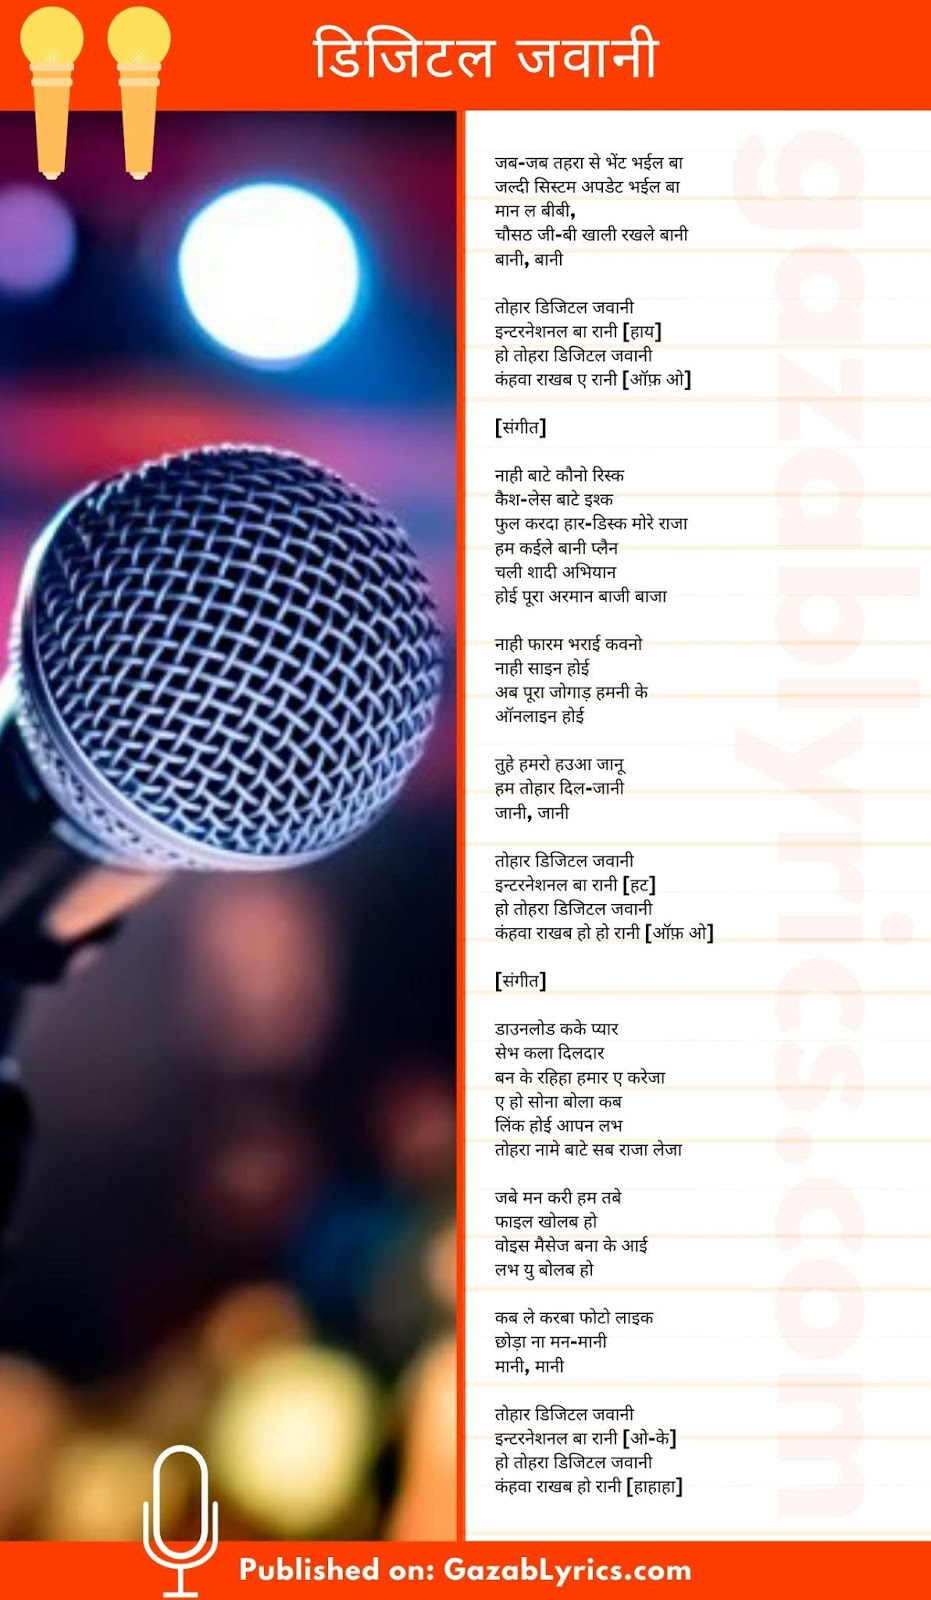 Digital Jawani song lyrics image